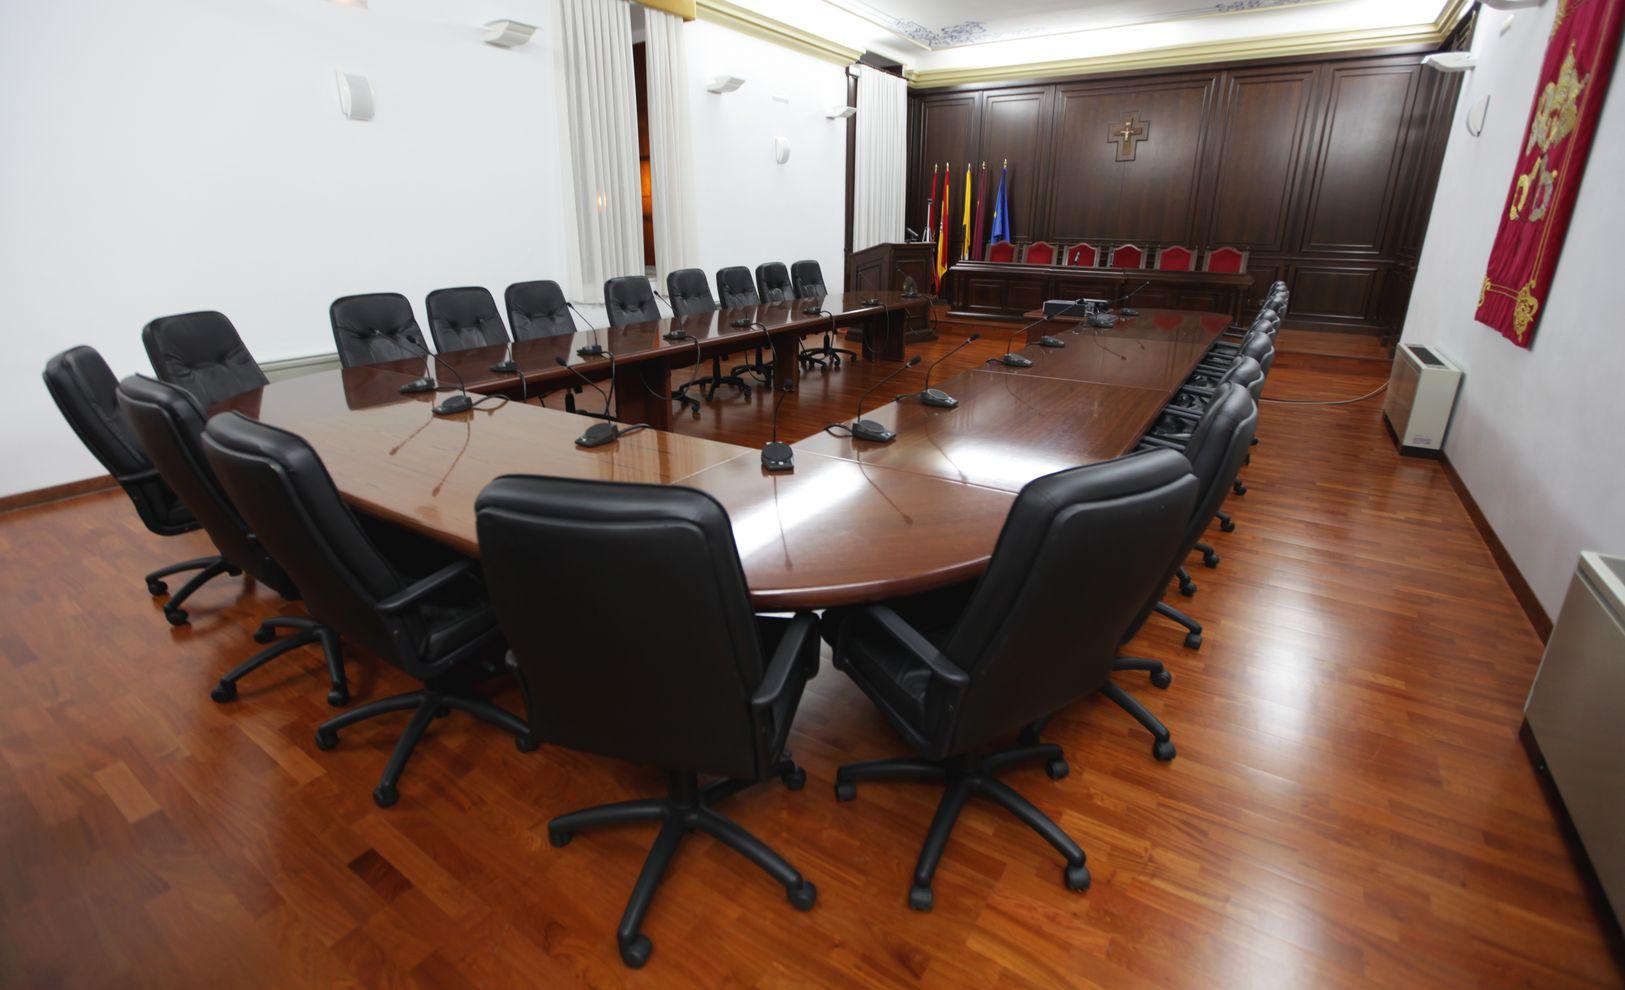 sala capitular panoramica sillas arte_result.jpg